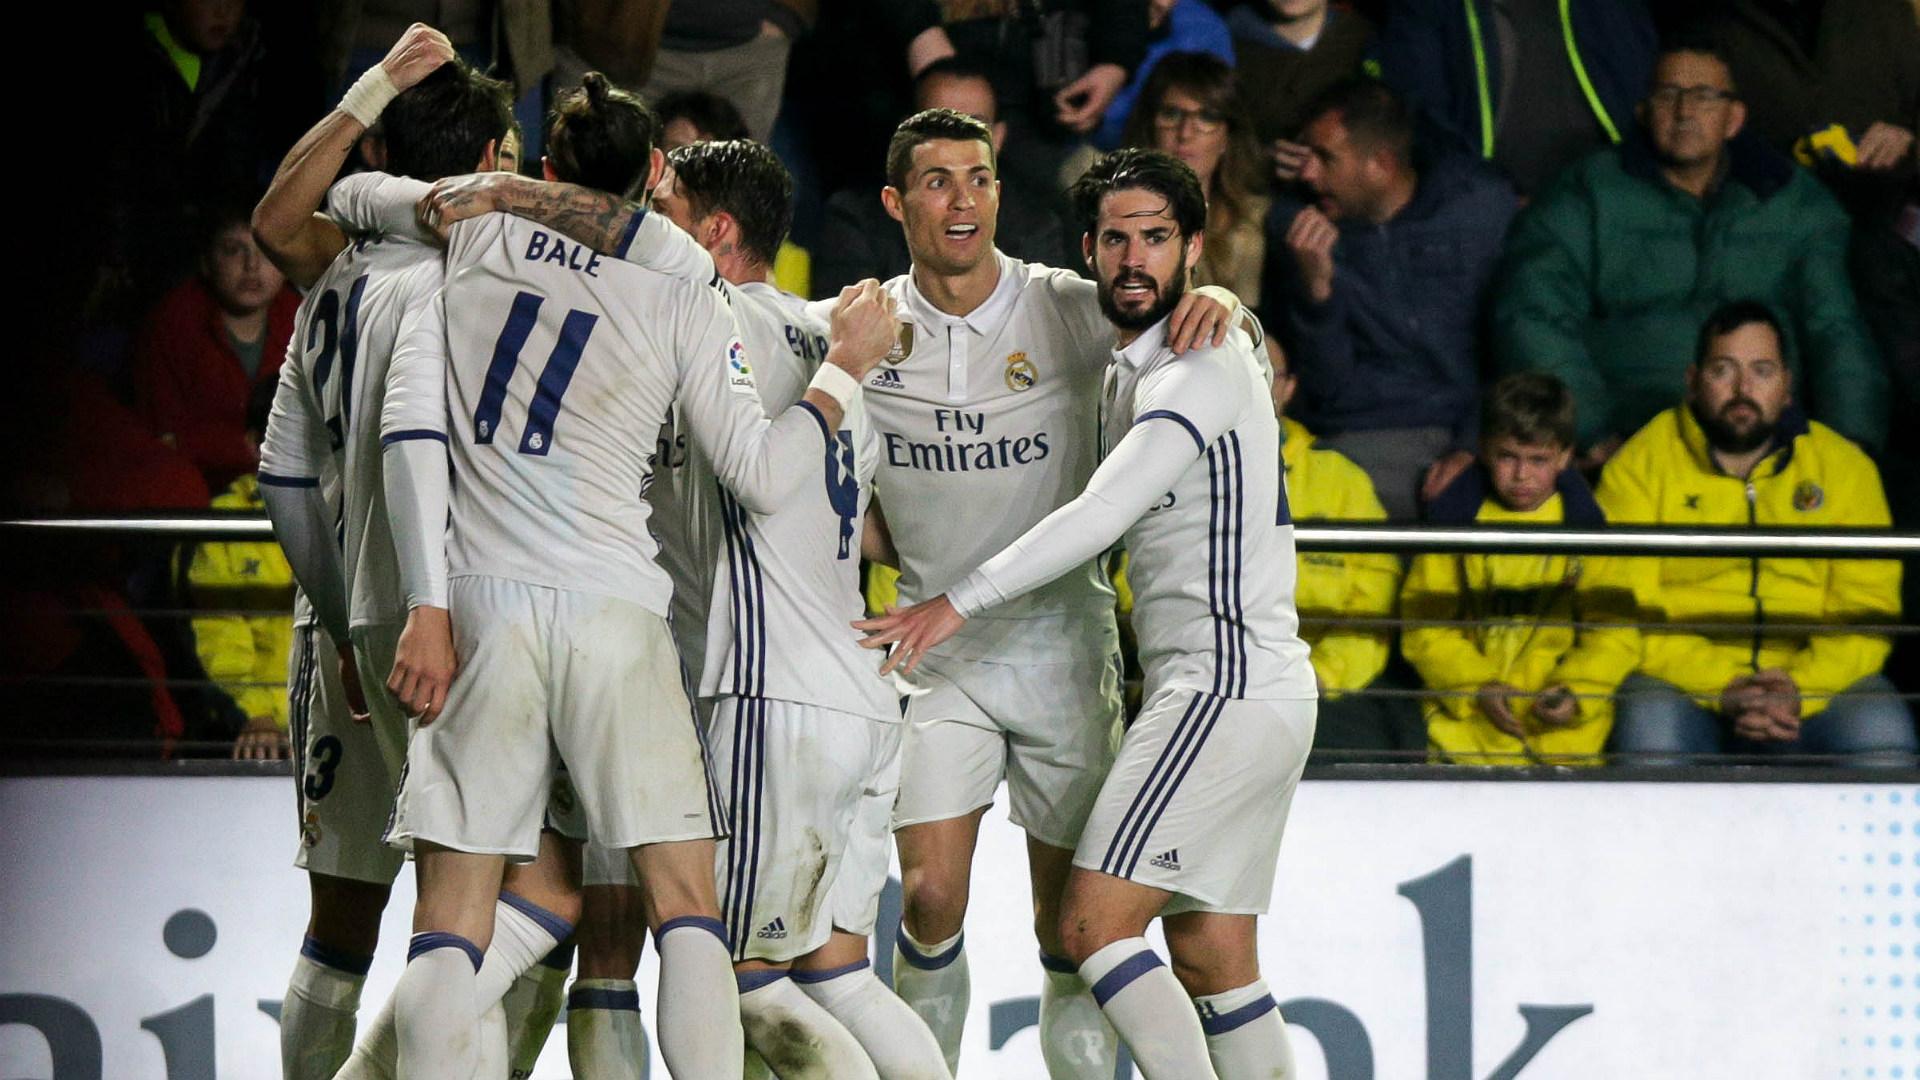 Il Real Madrid aspetta il Las Palmas, intanto infuria la polemica arbitrale